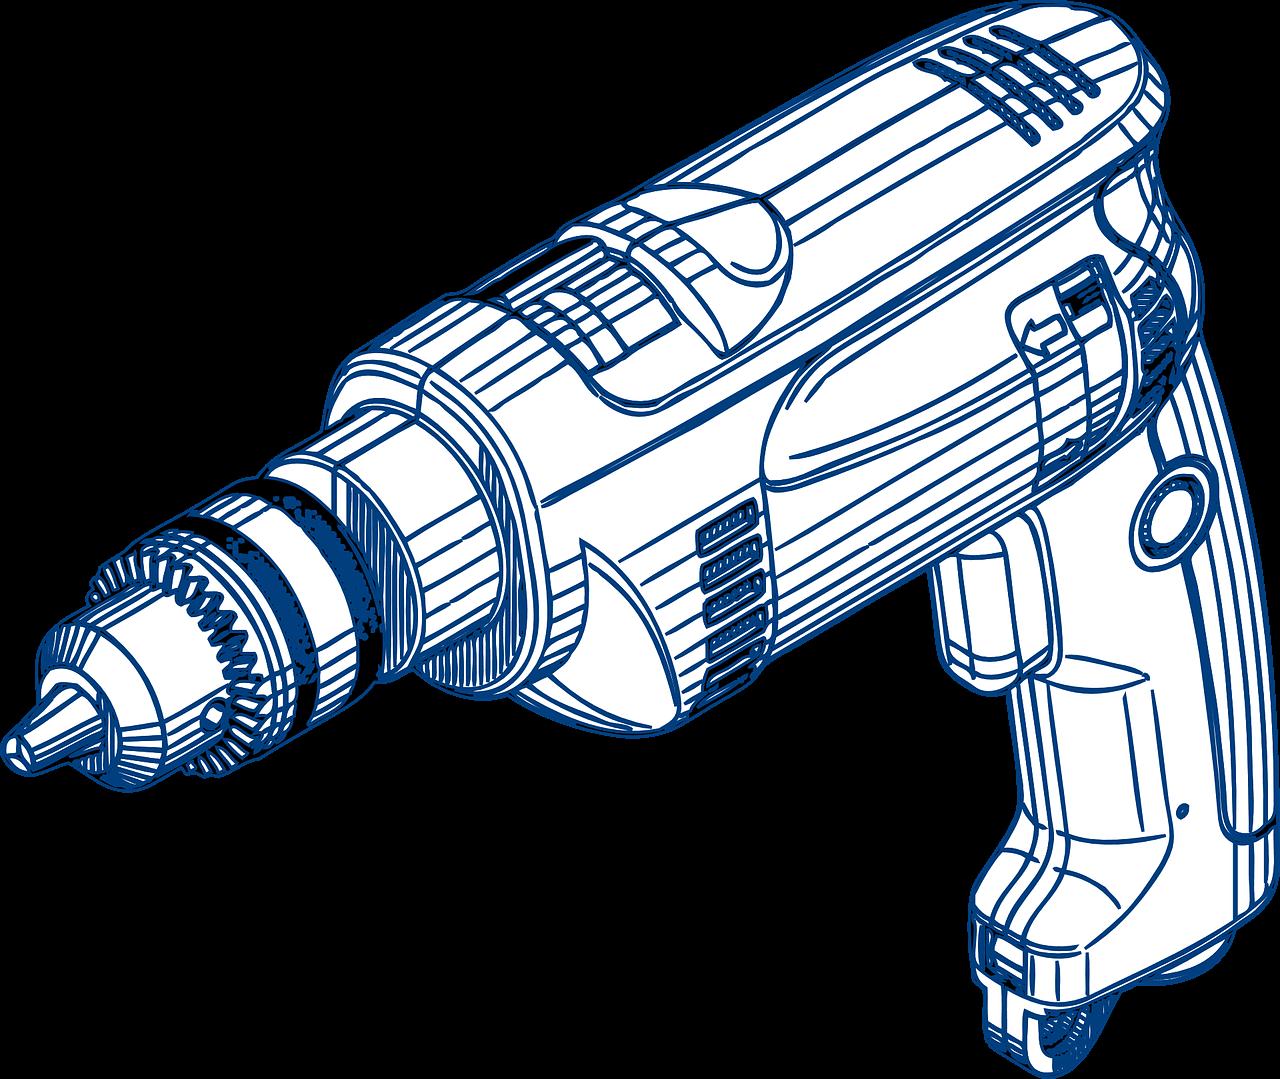 Anleitung für einen 3D Drucker Eigenbau